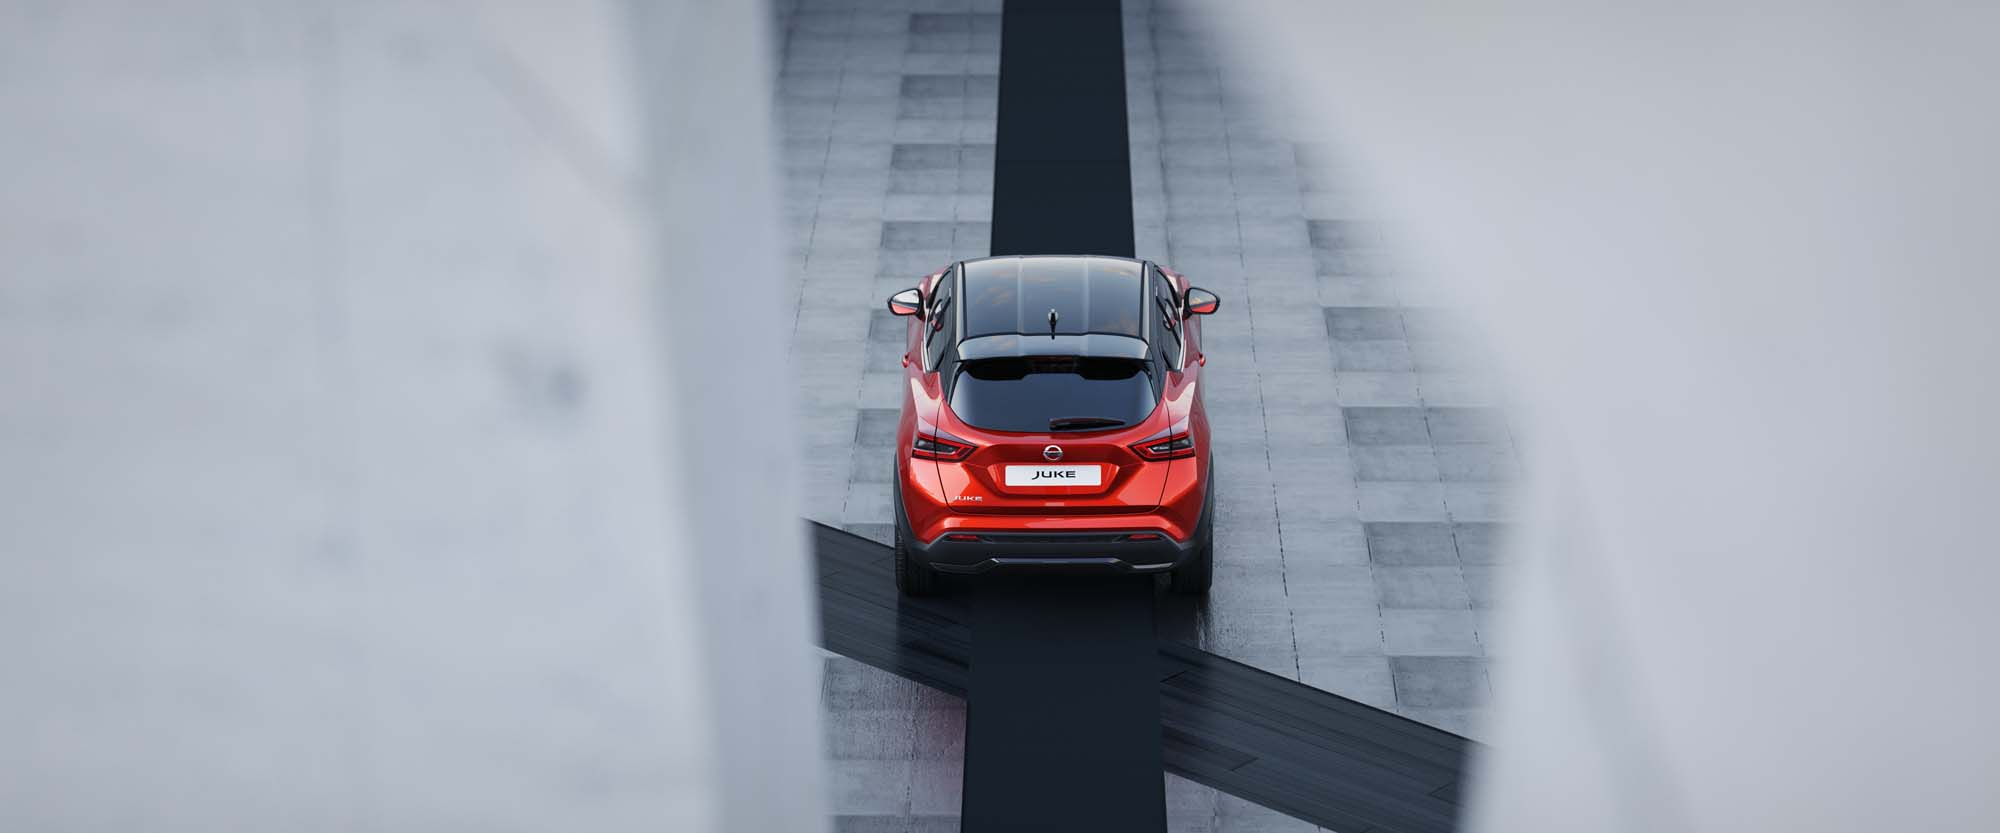 Nissan-Juke-2020-56